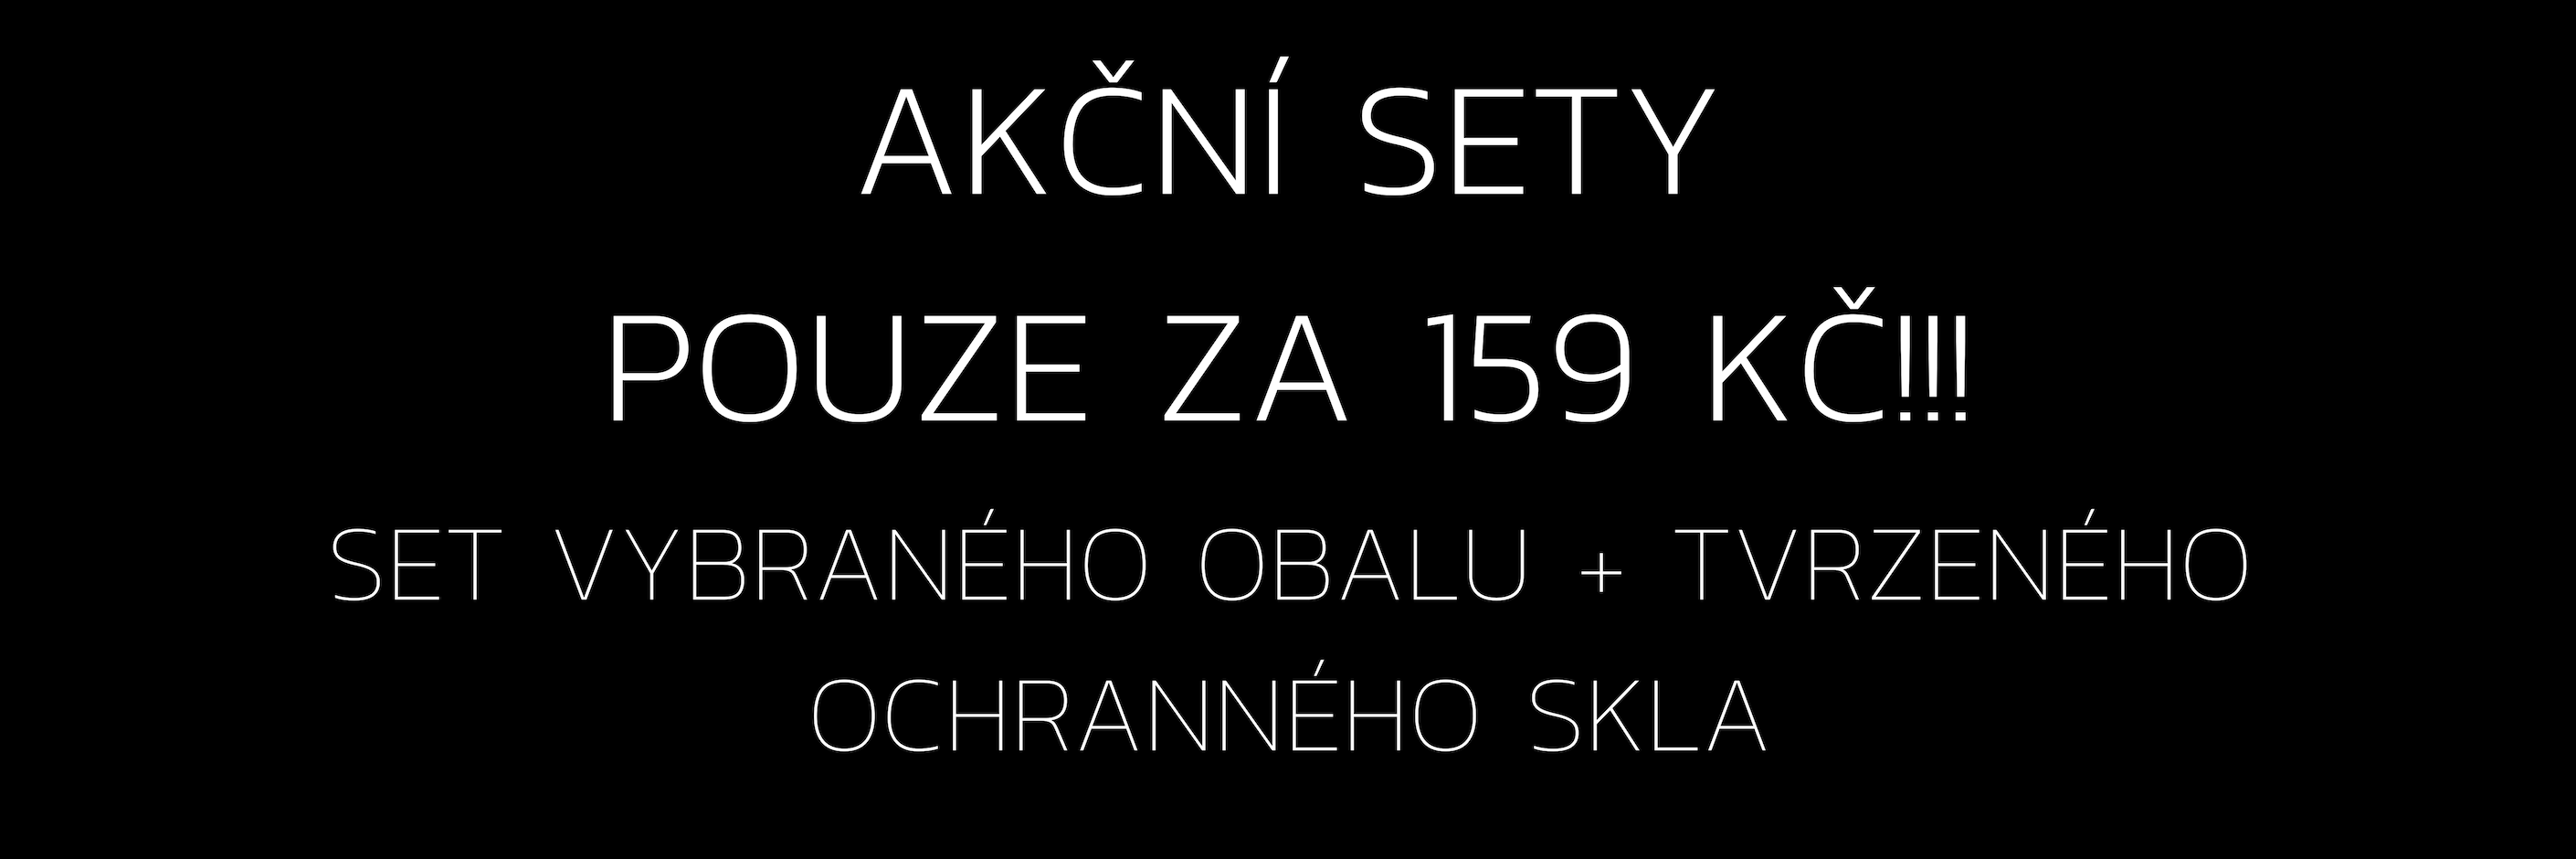 AKČNÍ SET 159 KČ